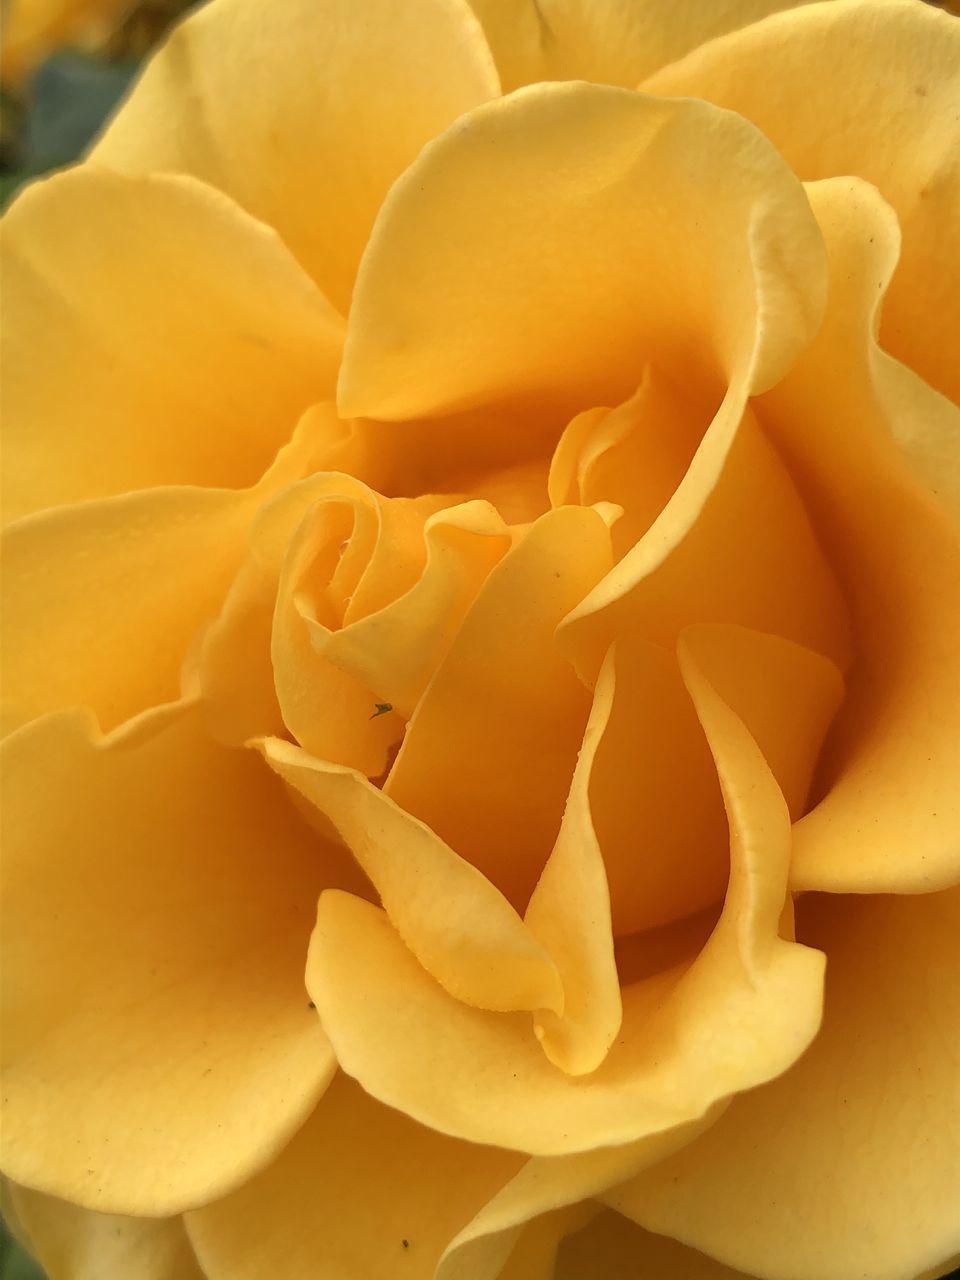 FULL FRAME SHOT OF ROSE FLOWER